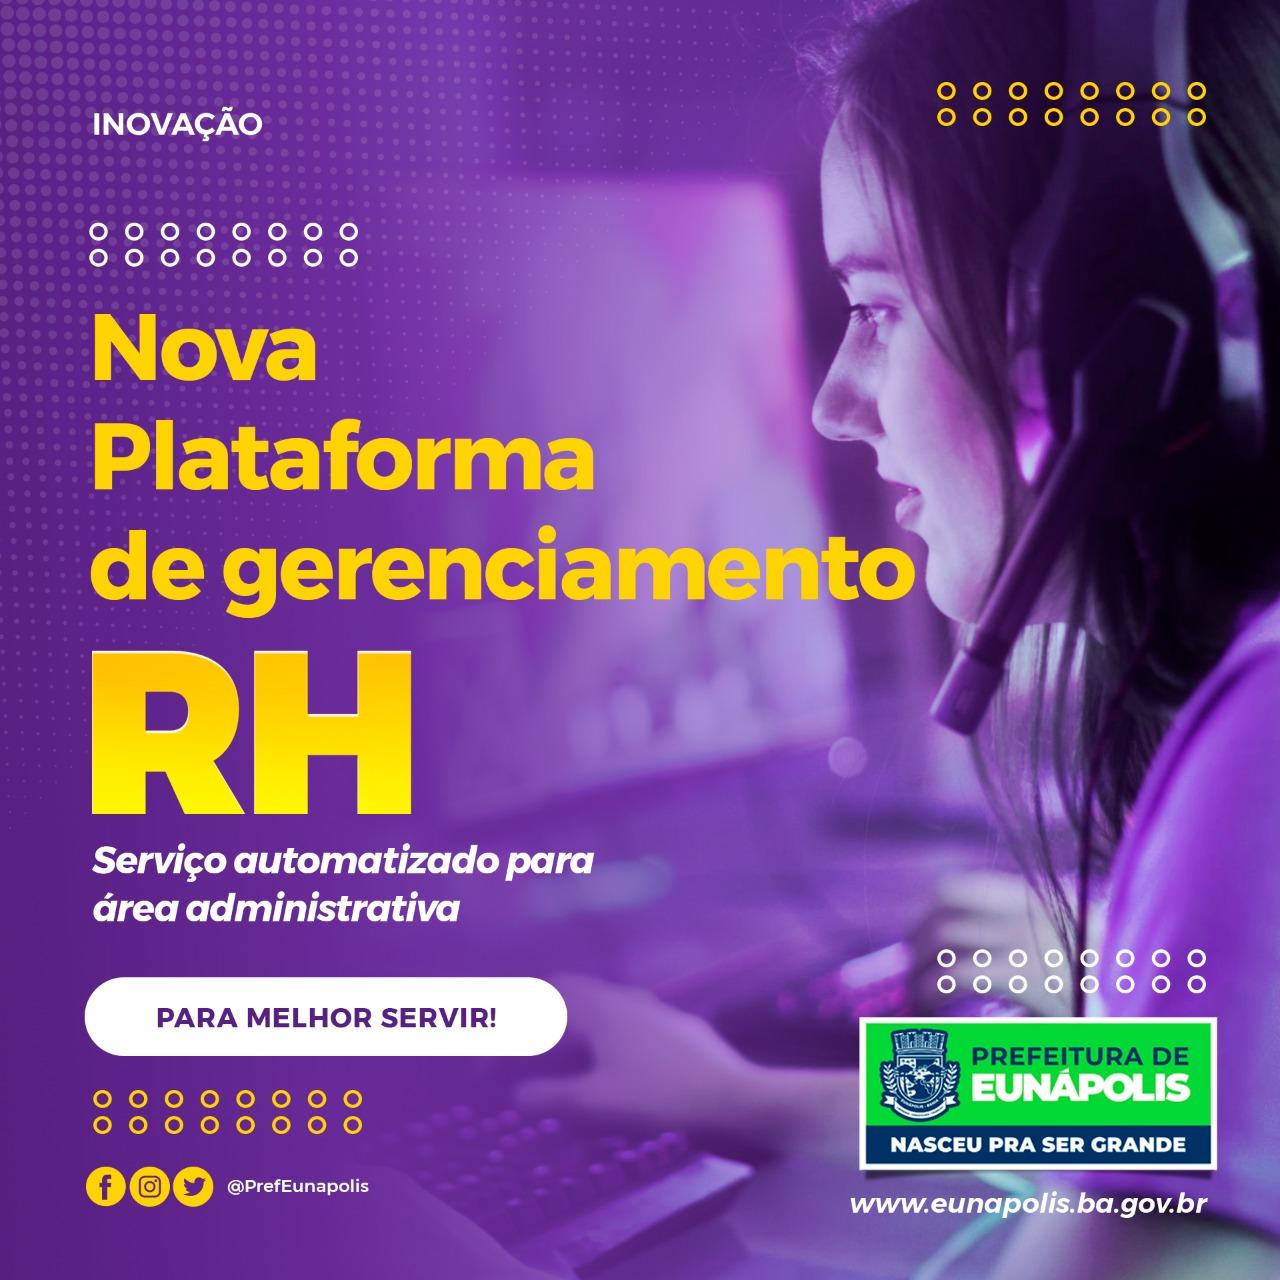 Governo de Eunápolis moderniza serviço automatizado para área administrativa 18